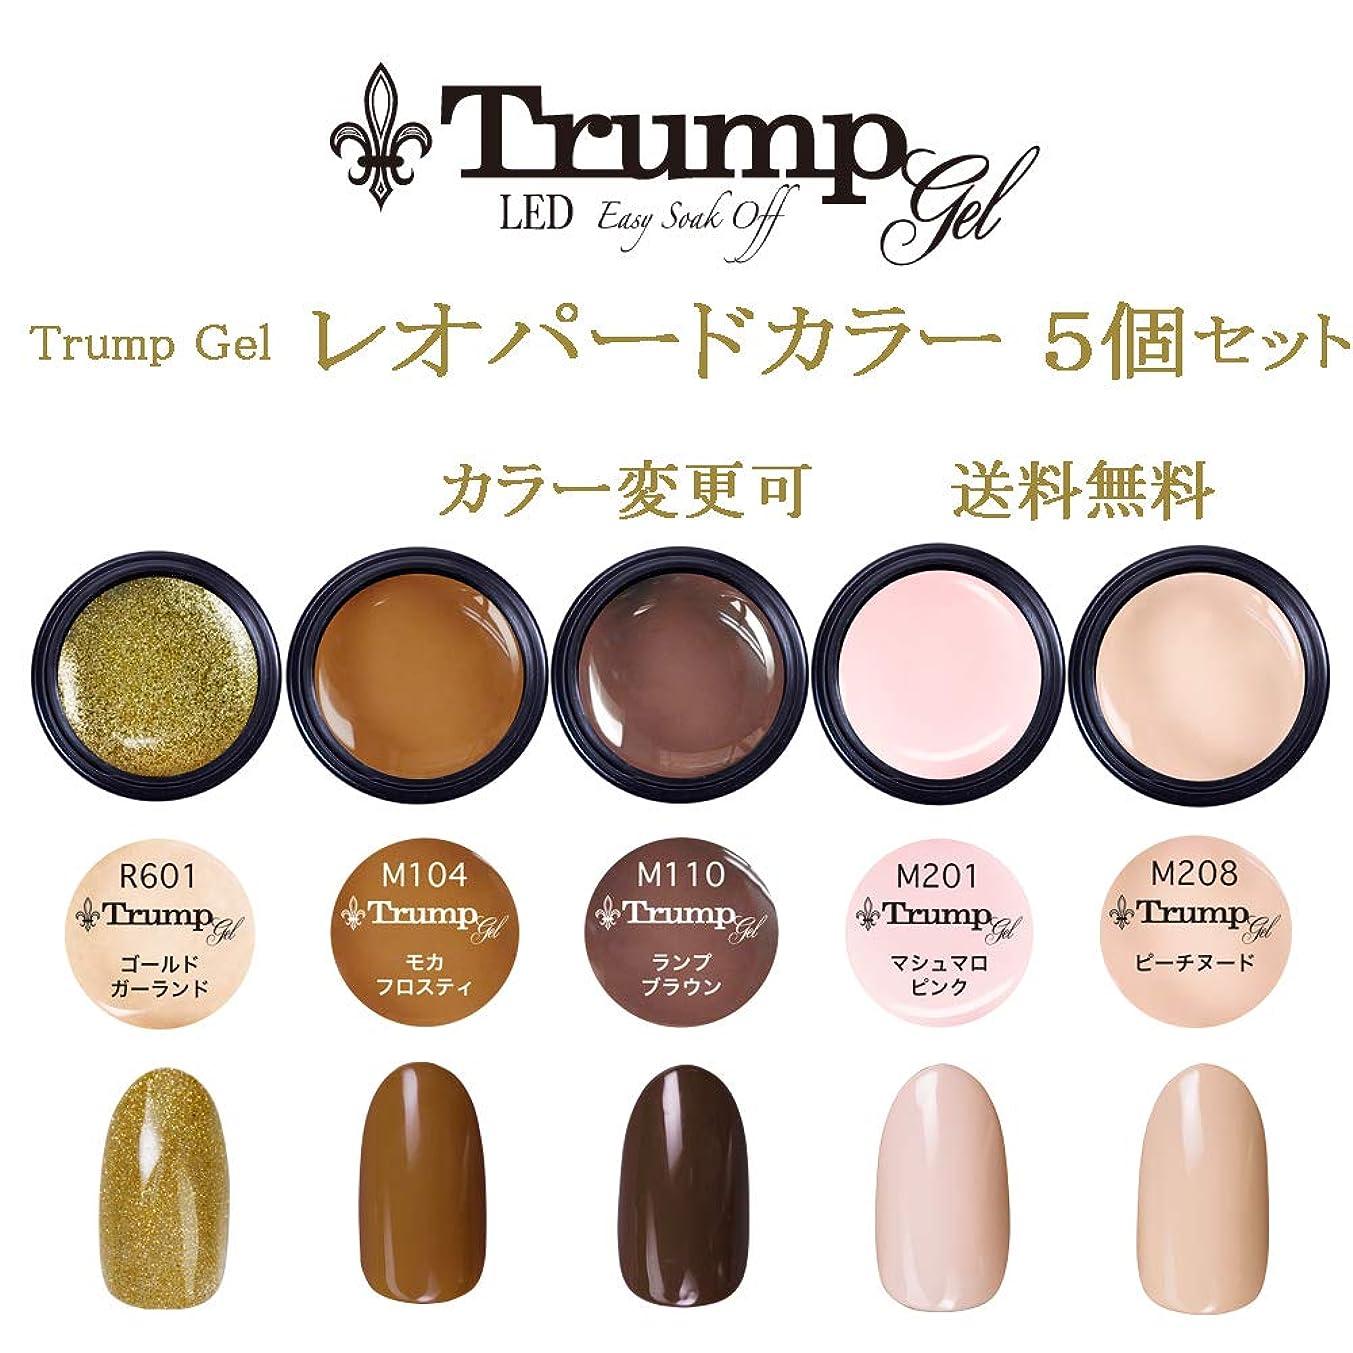 欲望あいさつところで【送料無料】日本製 Trump gel トランプジェル レオパードカラー 選べる カラージェル 5個セット アニマル ベージュ ブラウン ホワイト ラメ カラー